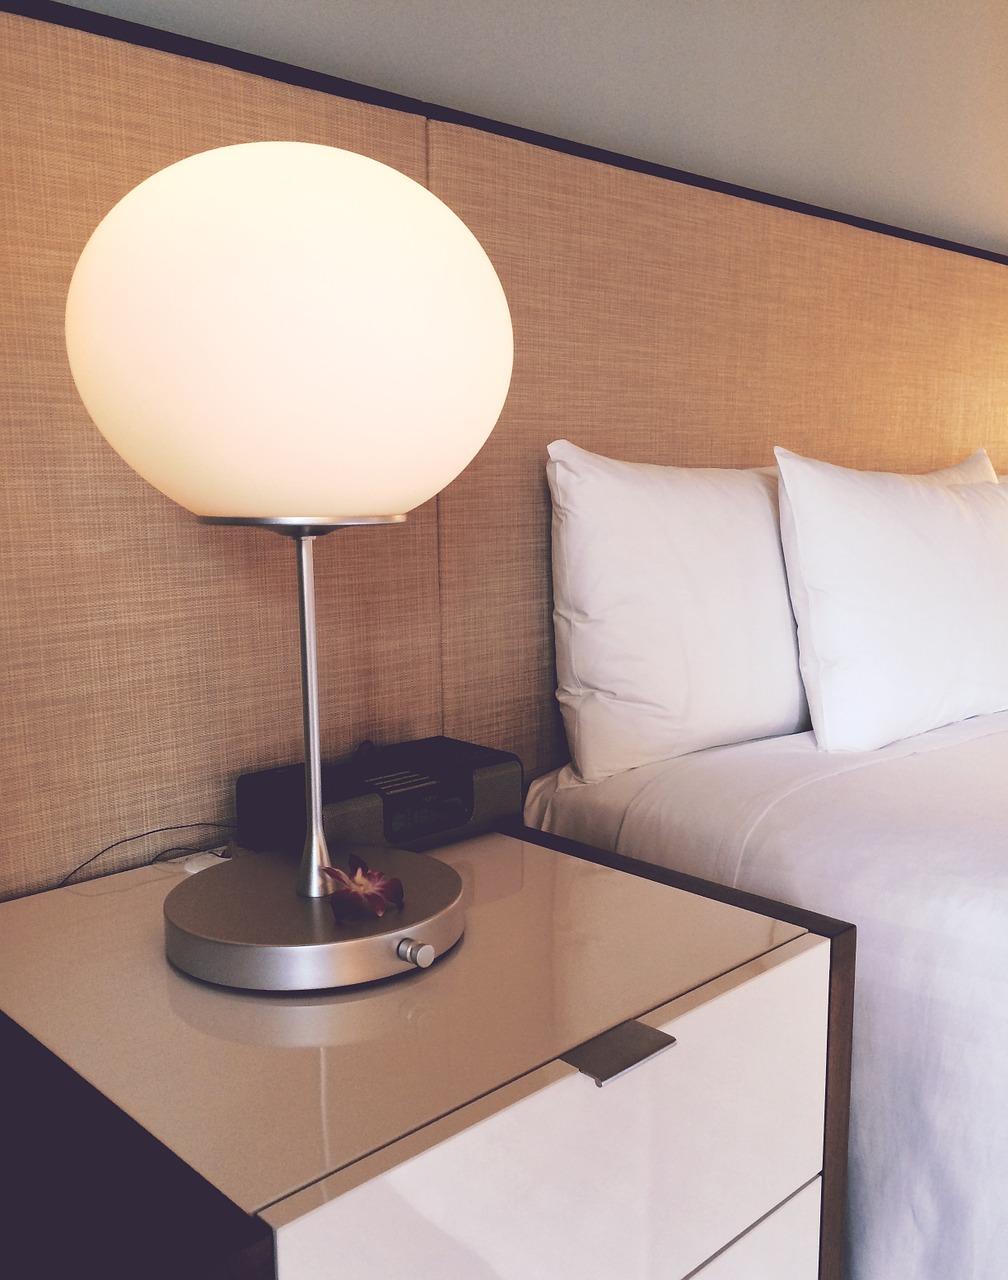 沖縄より近い海外↓ここ。Hyatt hotelに泊まってみた。